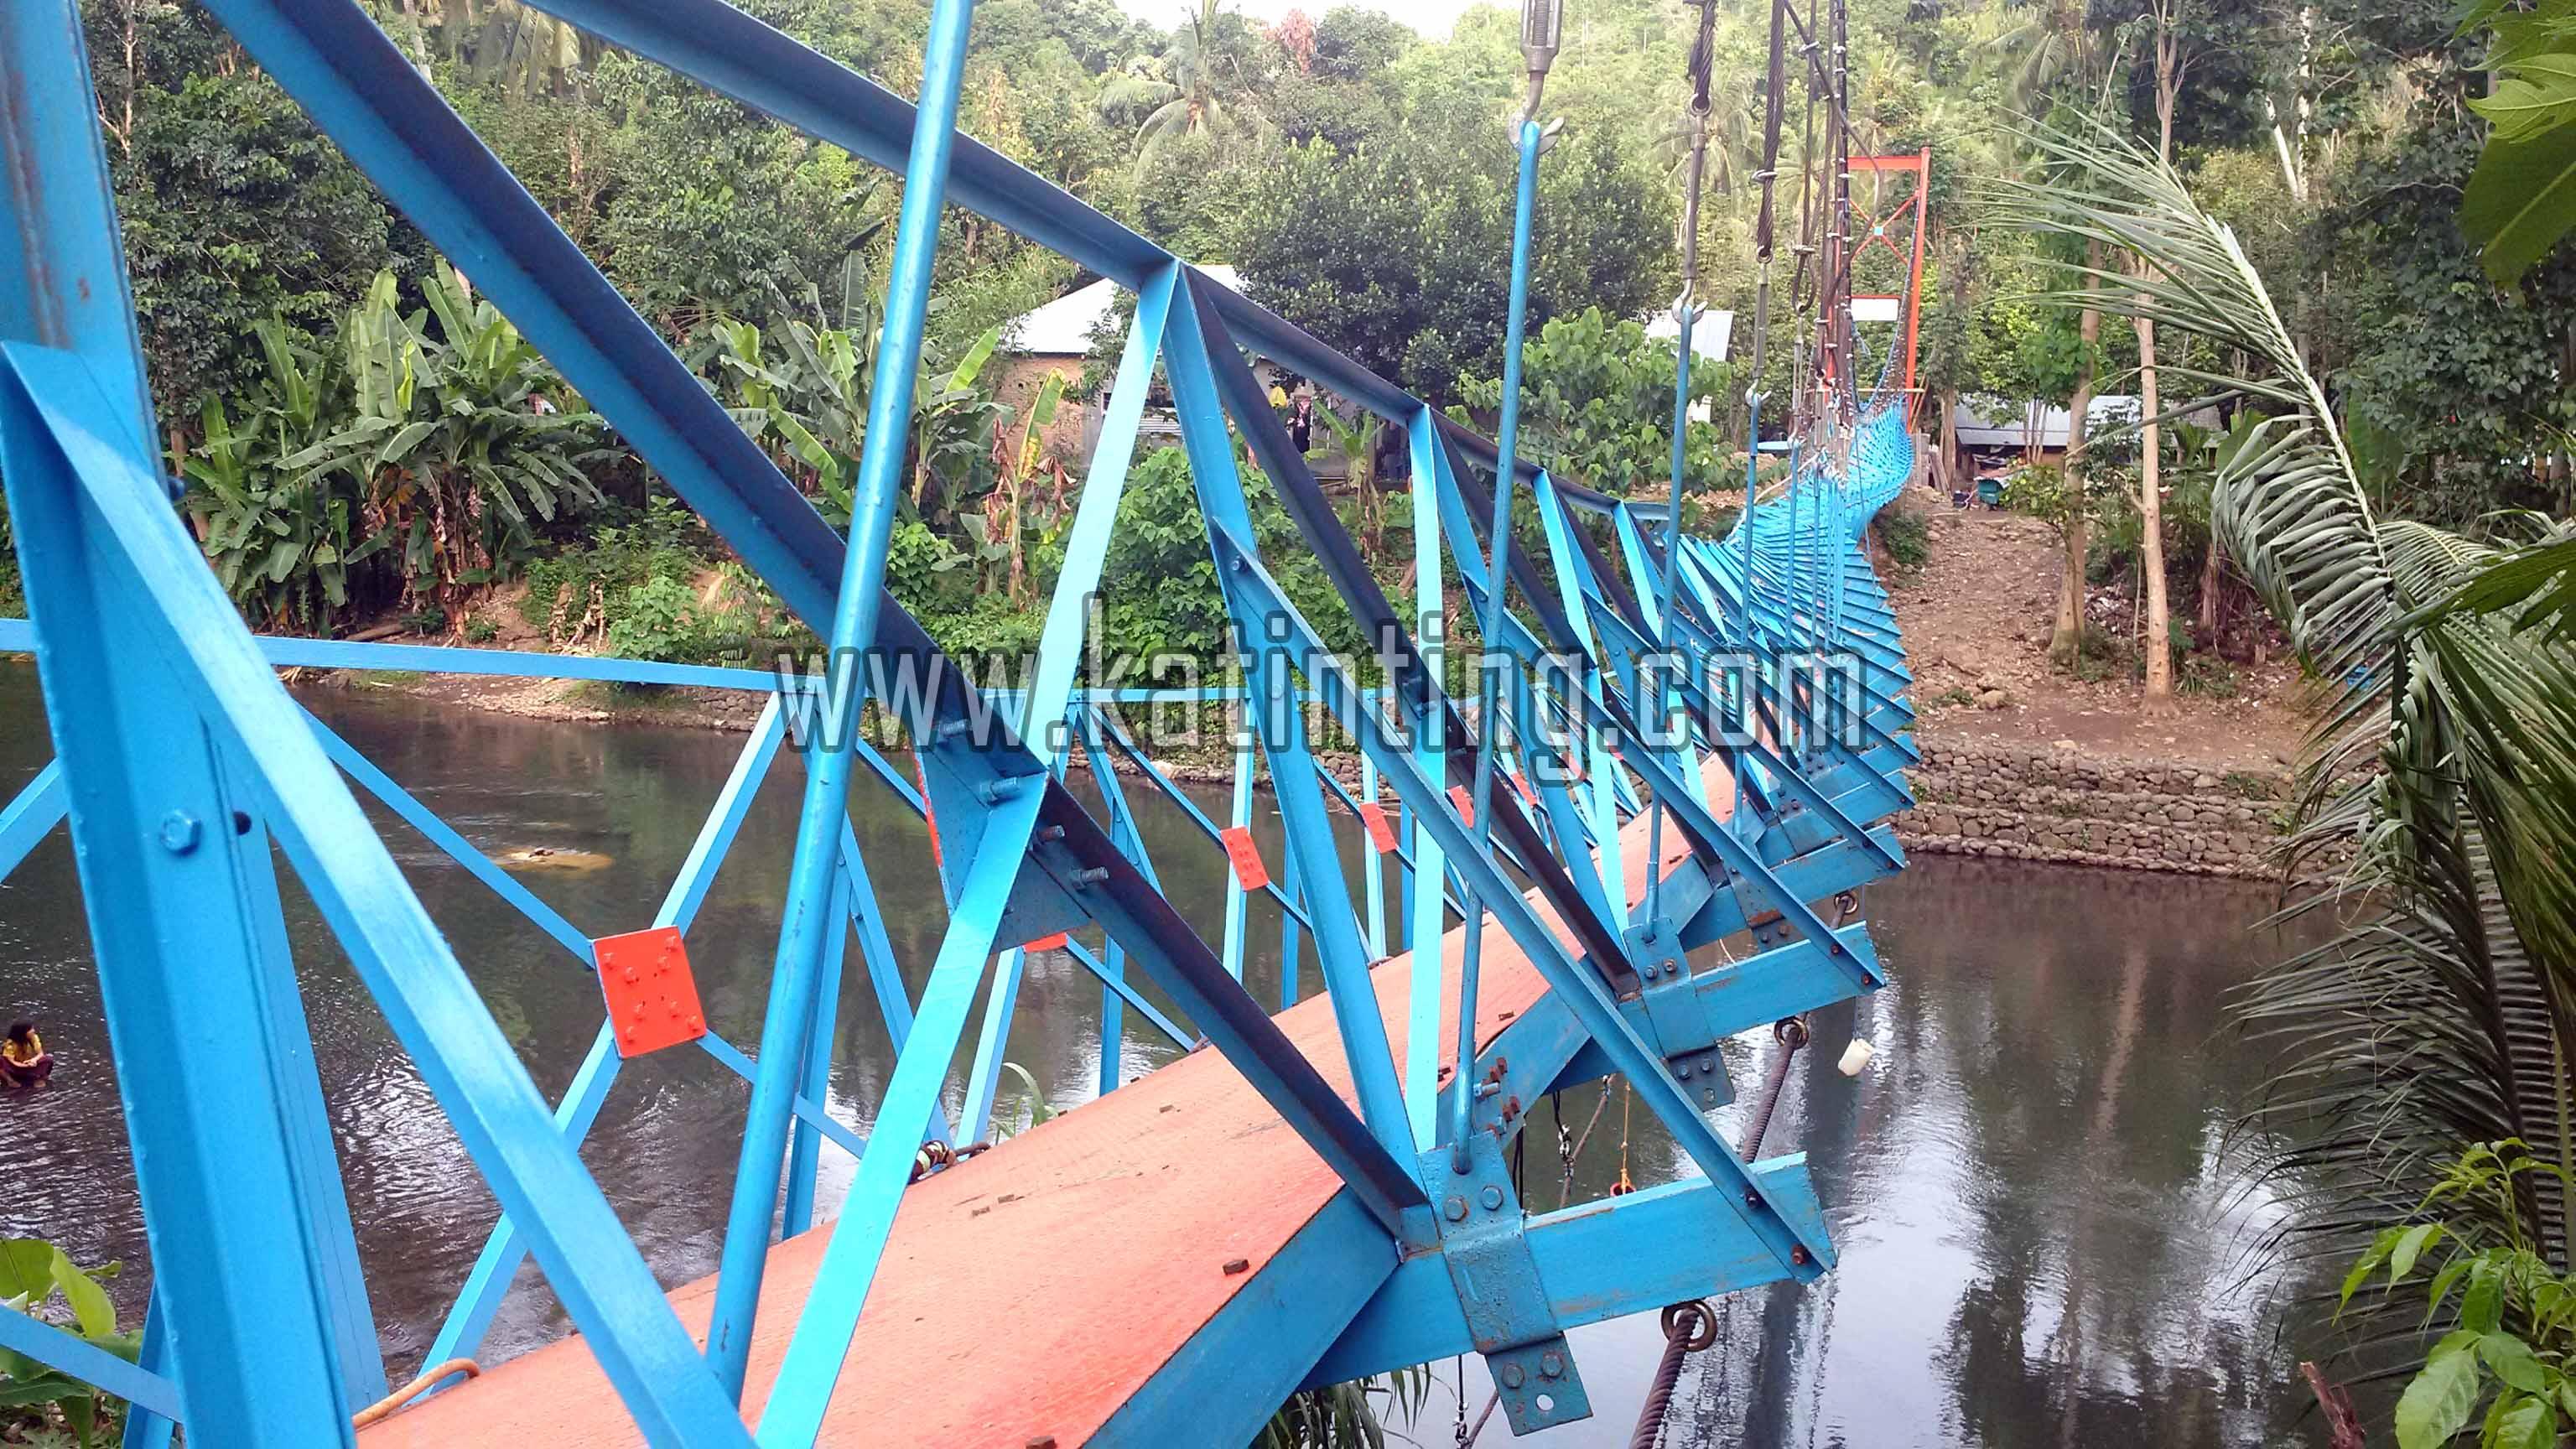 Amruknya Jembatan Gantung Sangkurio Akses Menuju 3 Sekolah Terputus